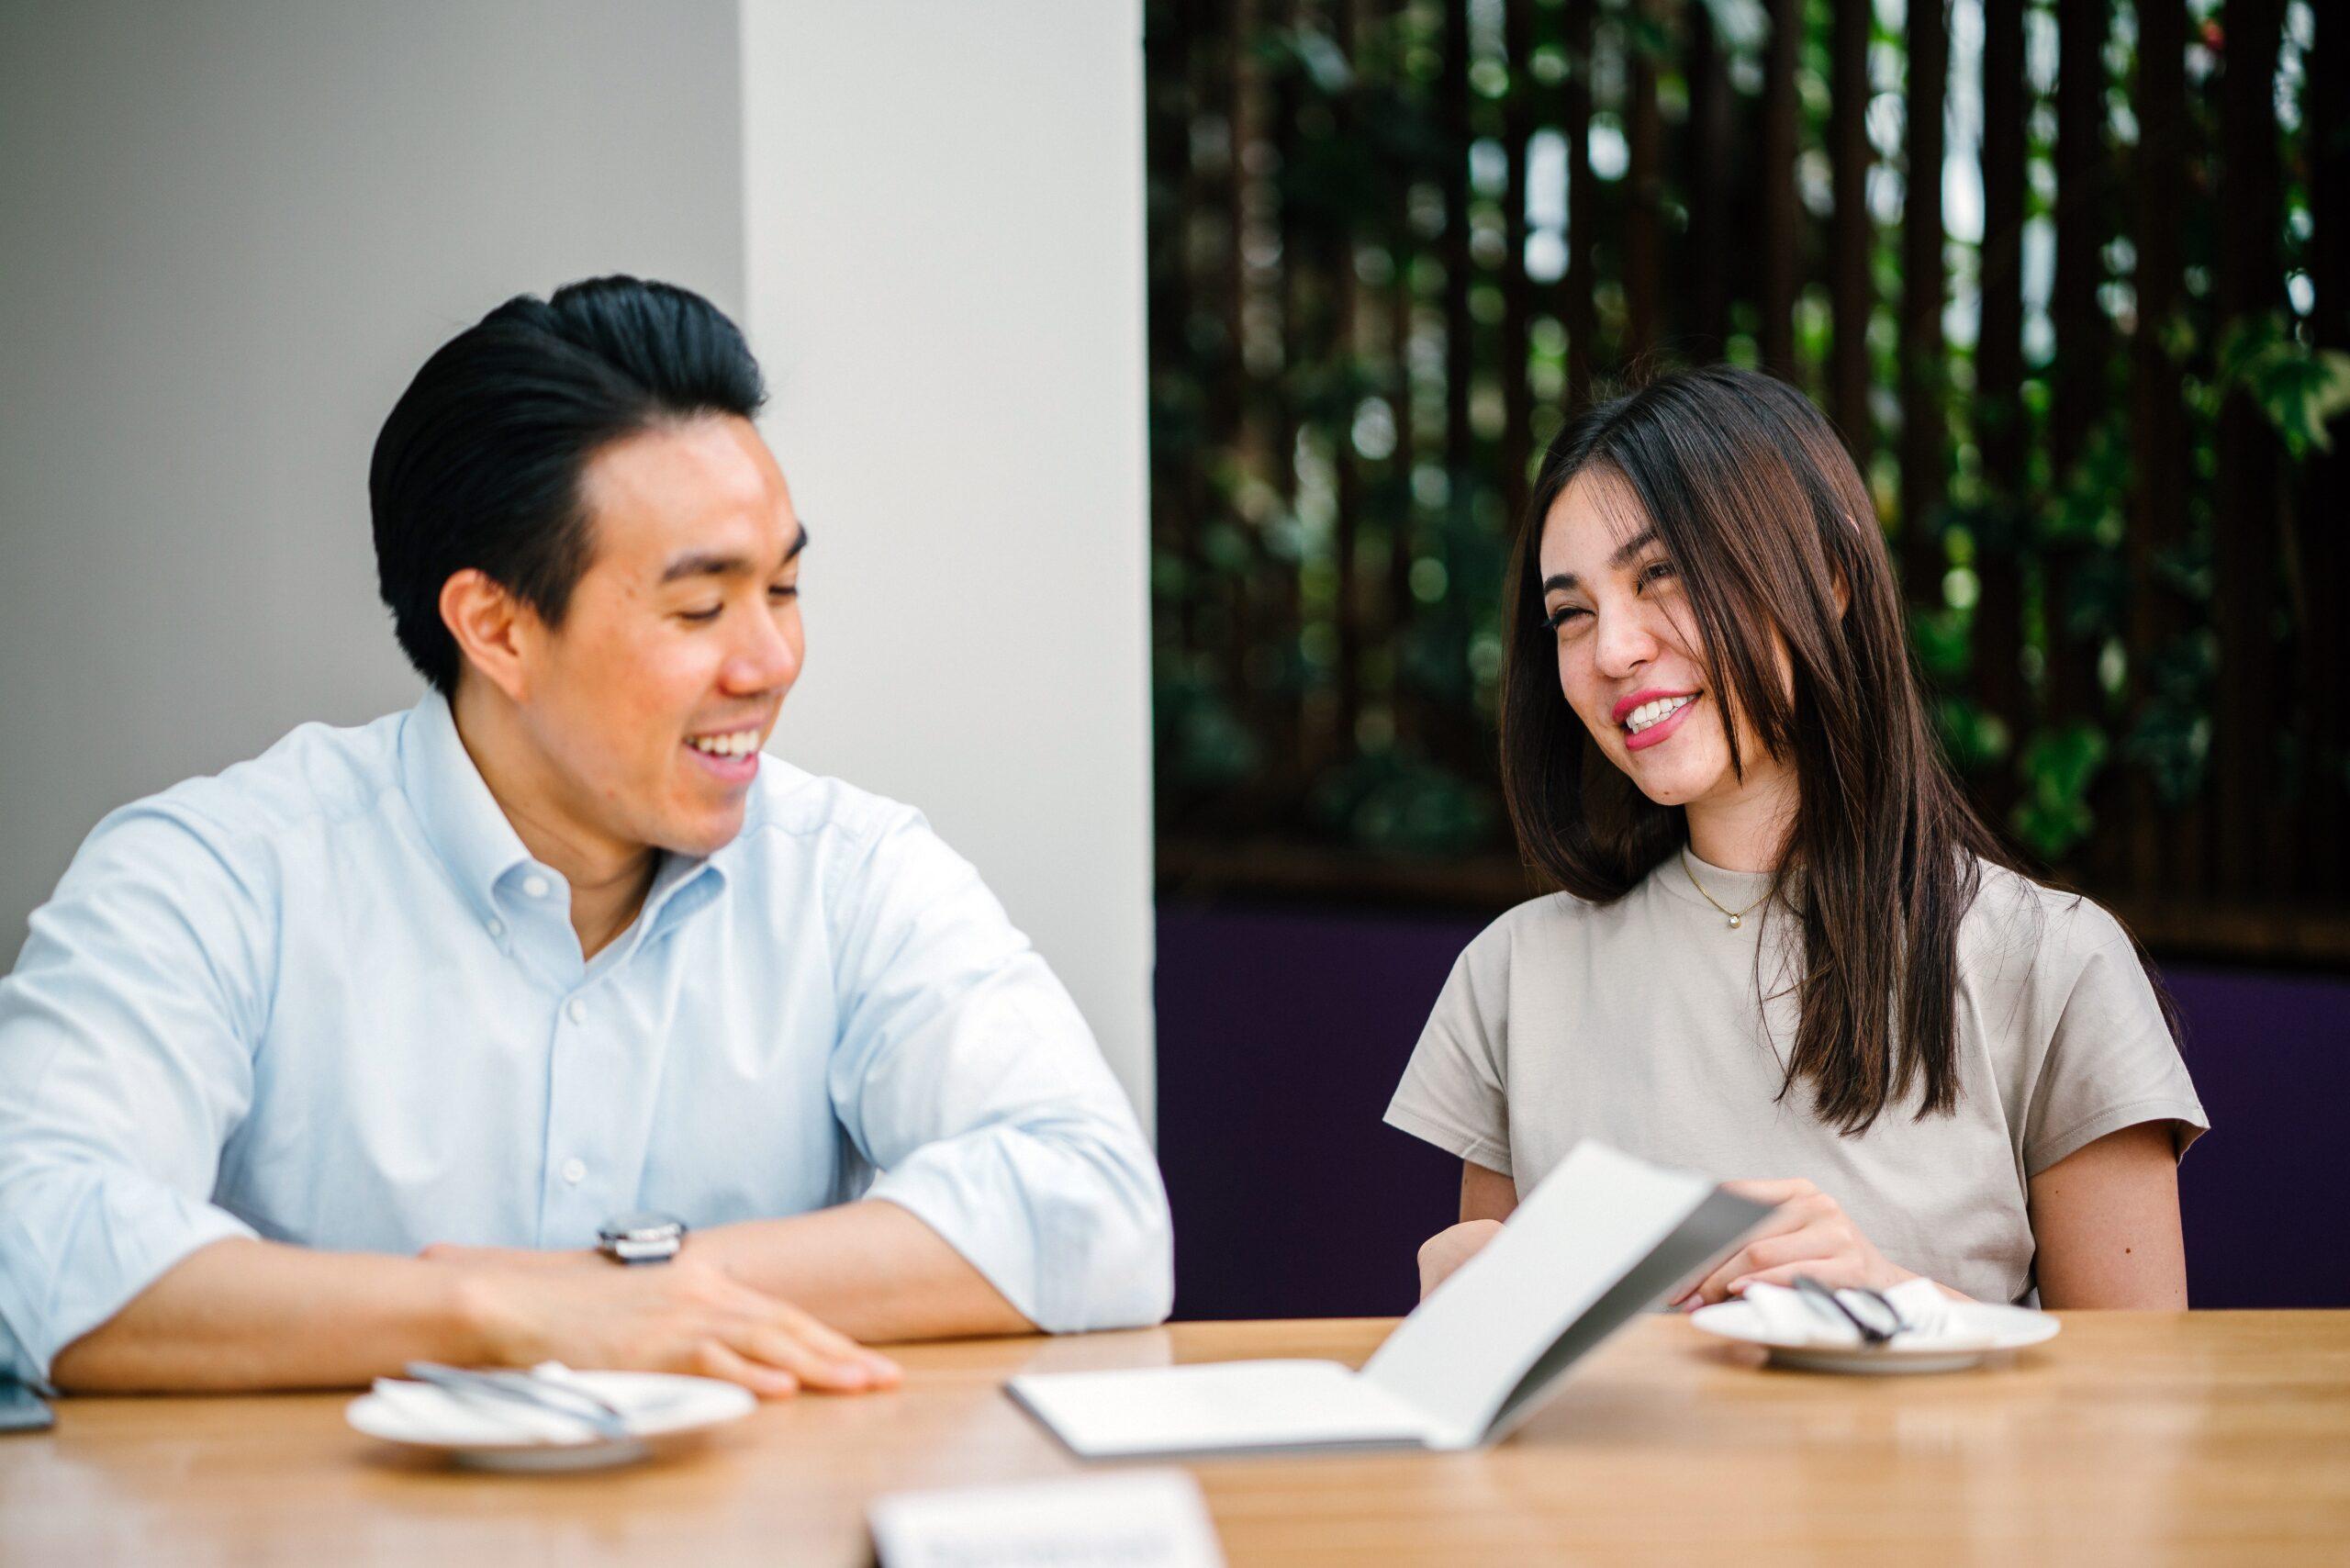 Quais são os prós e contras de trabalhar durante a faculdade nos EUA?